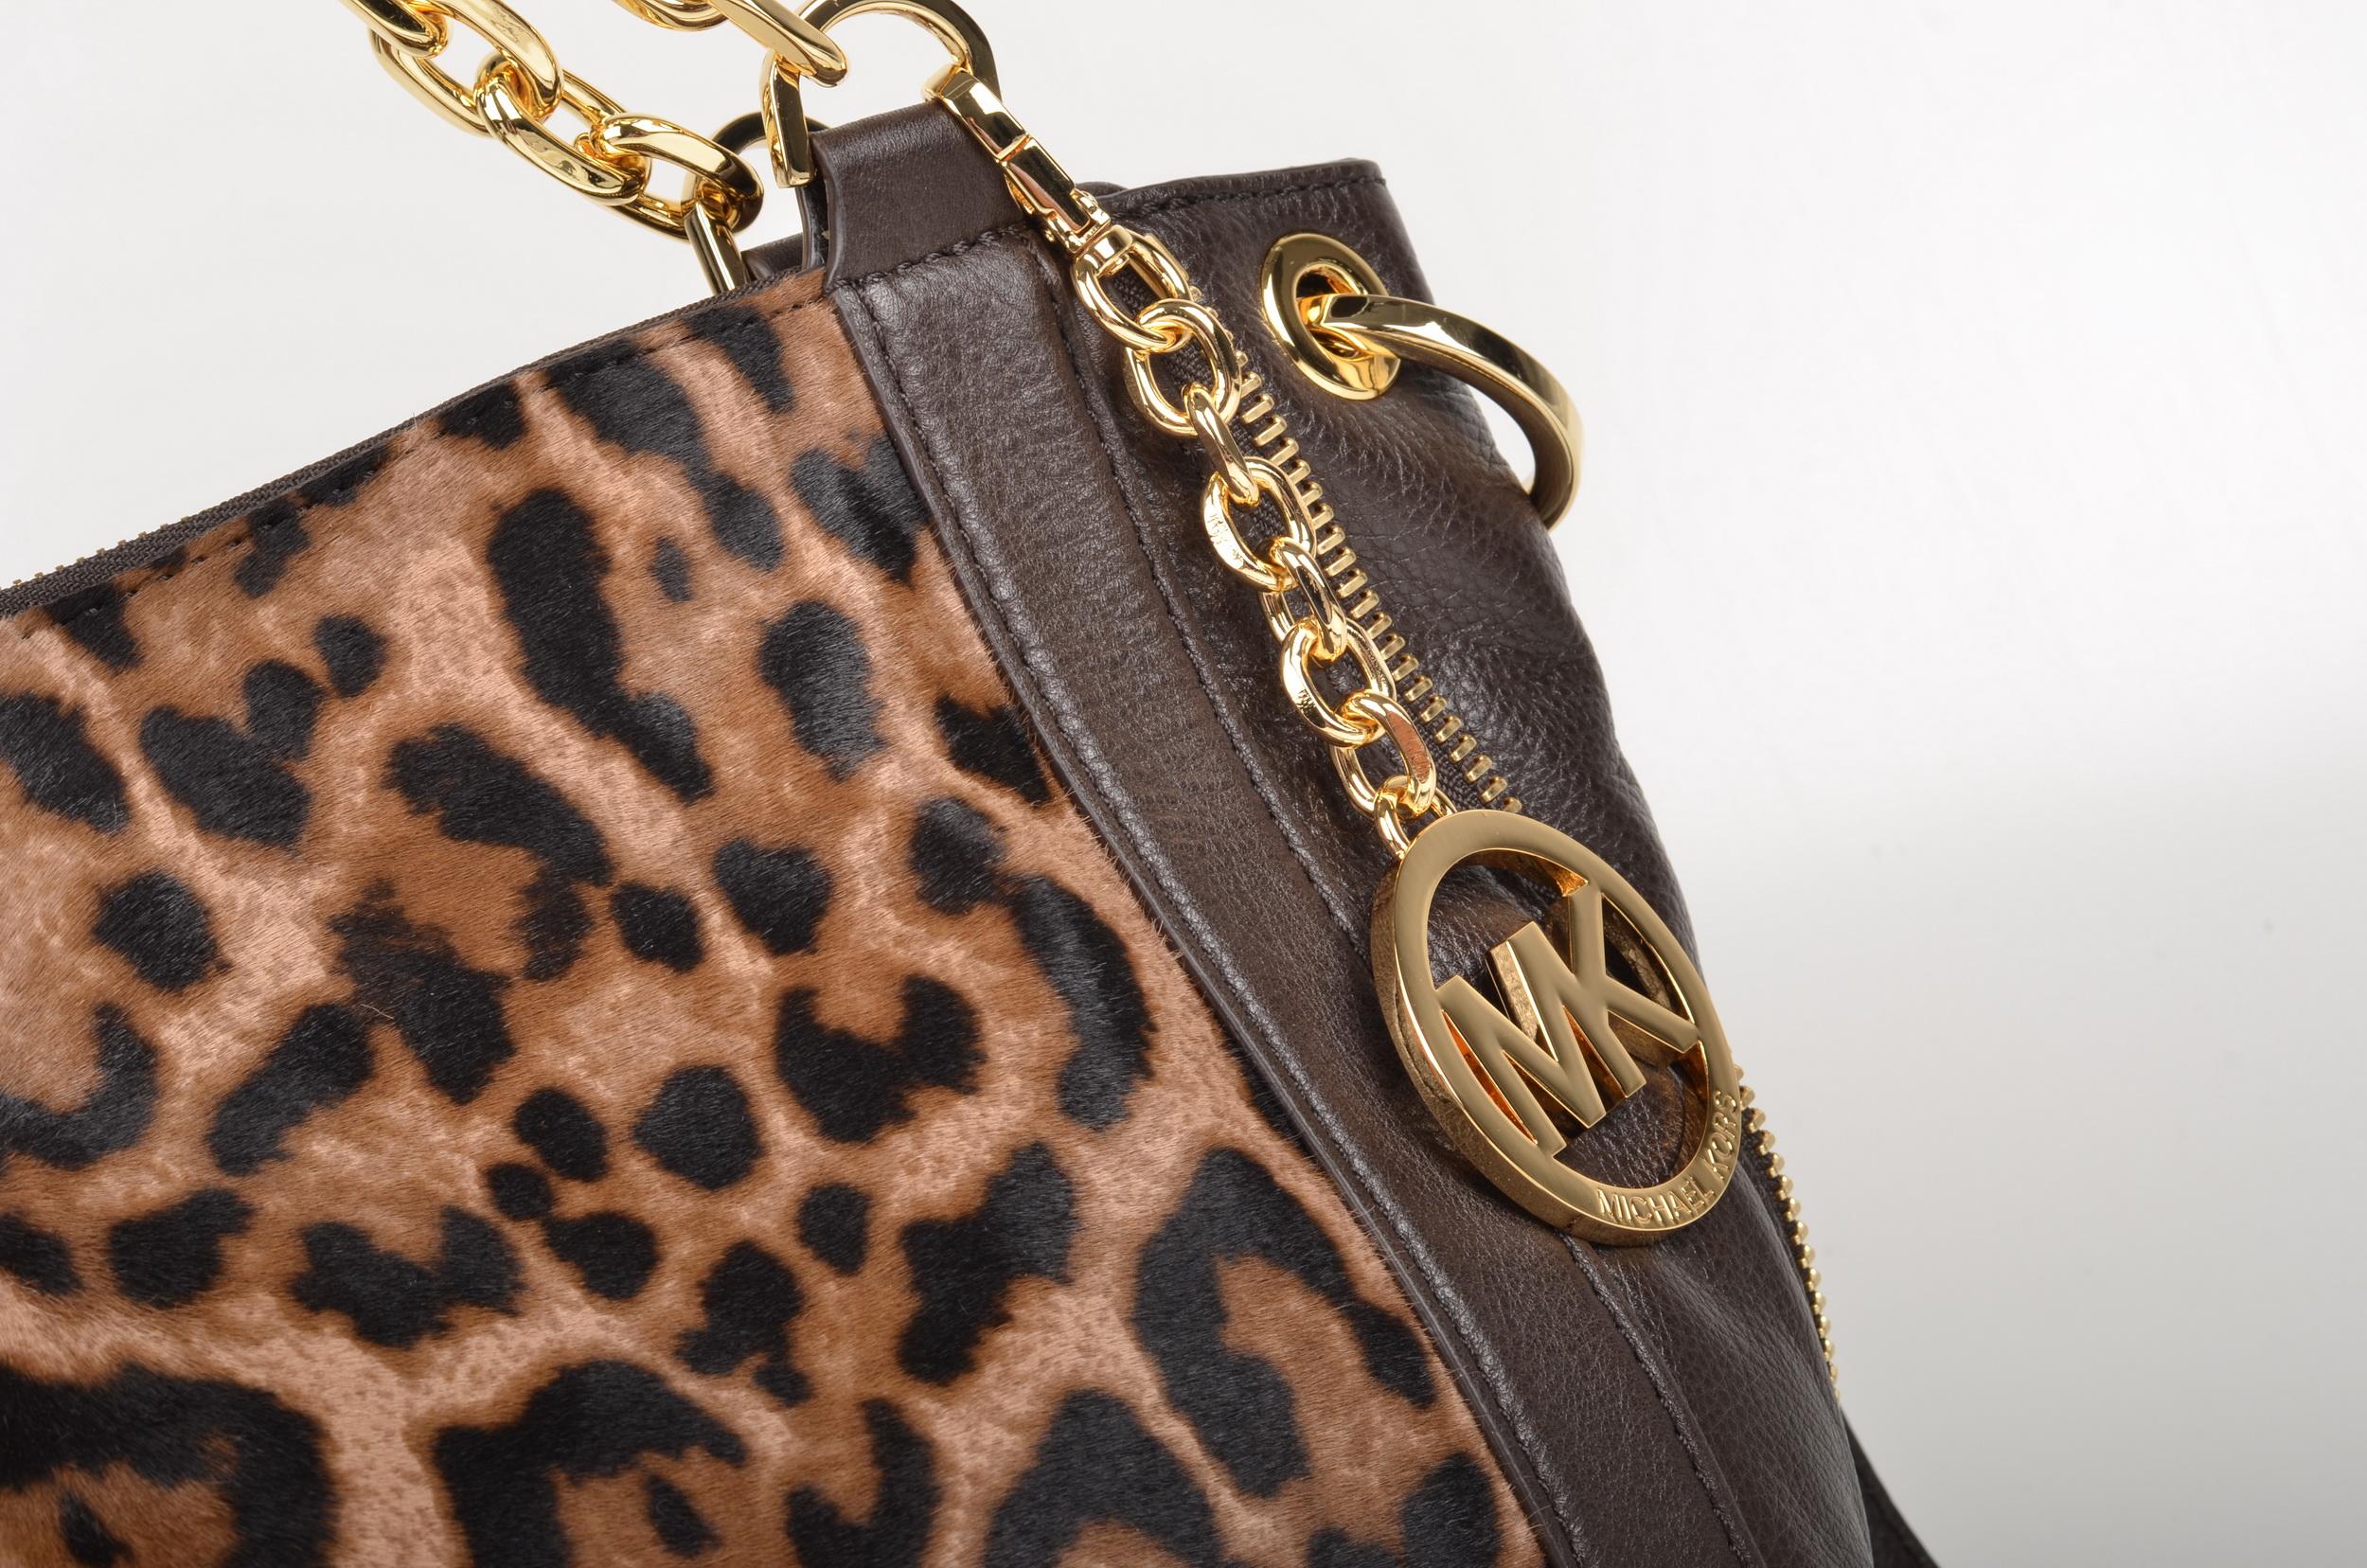 5c361a373e280 ... new arrivals filemichael kors stanthorpe lg satchel haircalf handtasche  30f4gsps3h kalbsleder animal print leopard 3 447d2